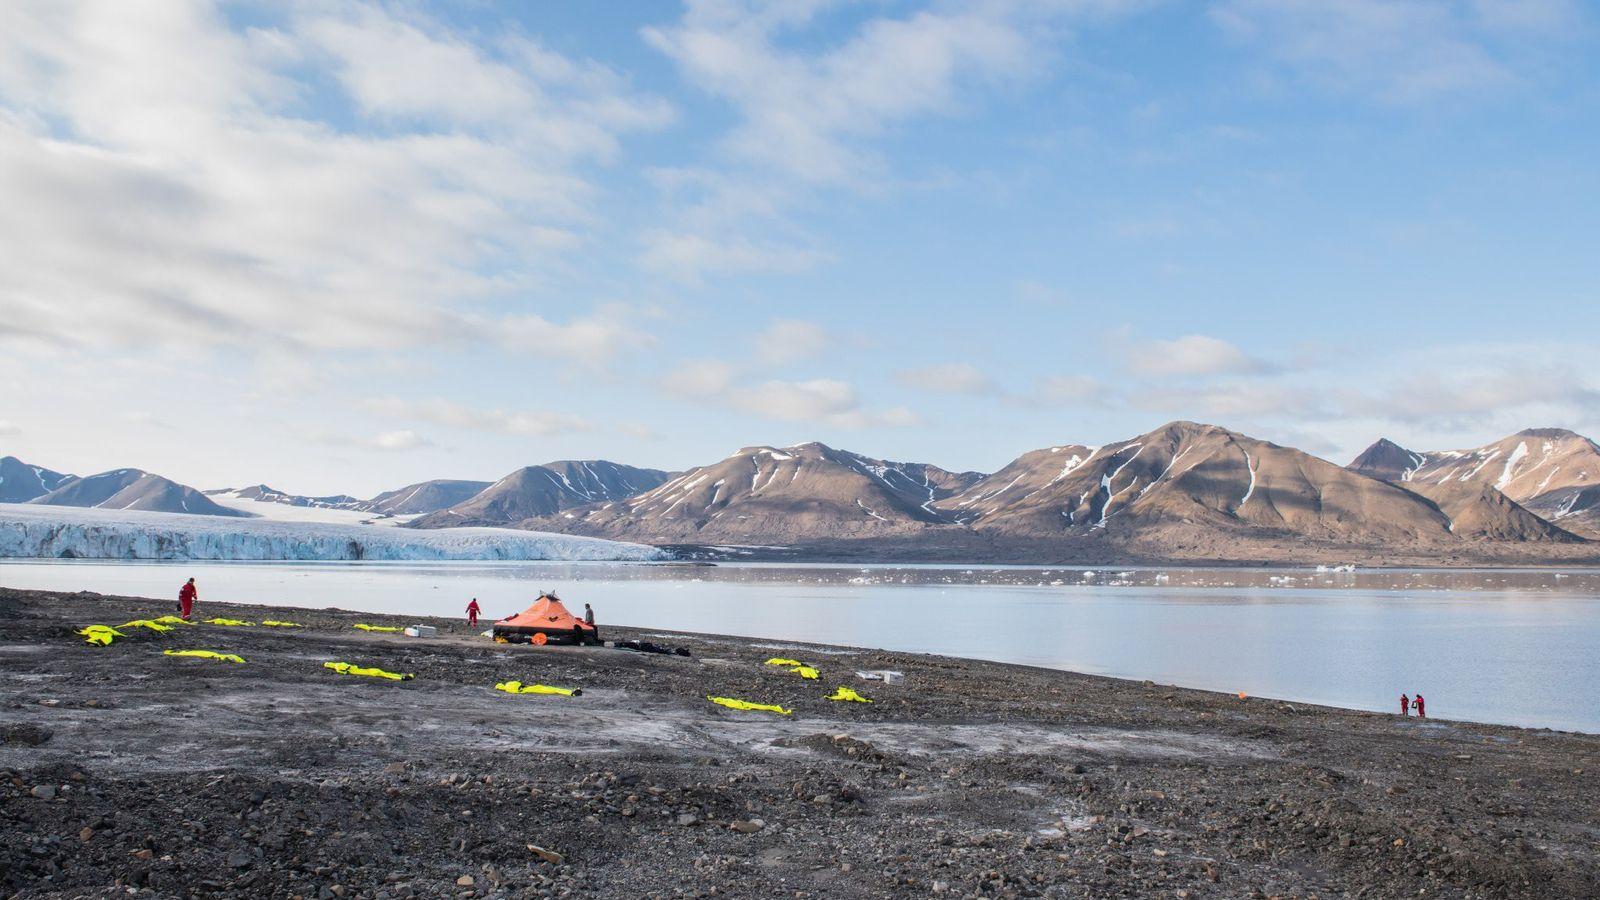 Le camp d'entraînement polaire, au Svalbard, un archipel norvégien, est l'un des lieux habités les plus ...